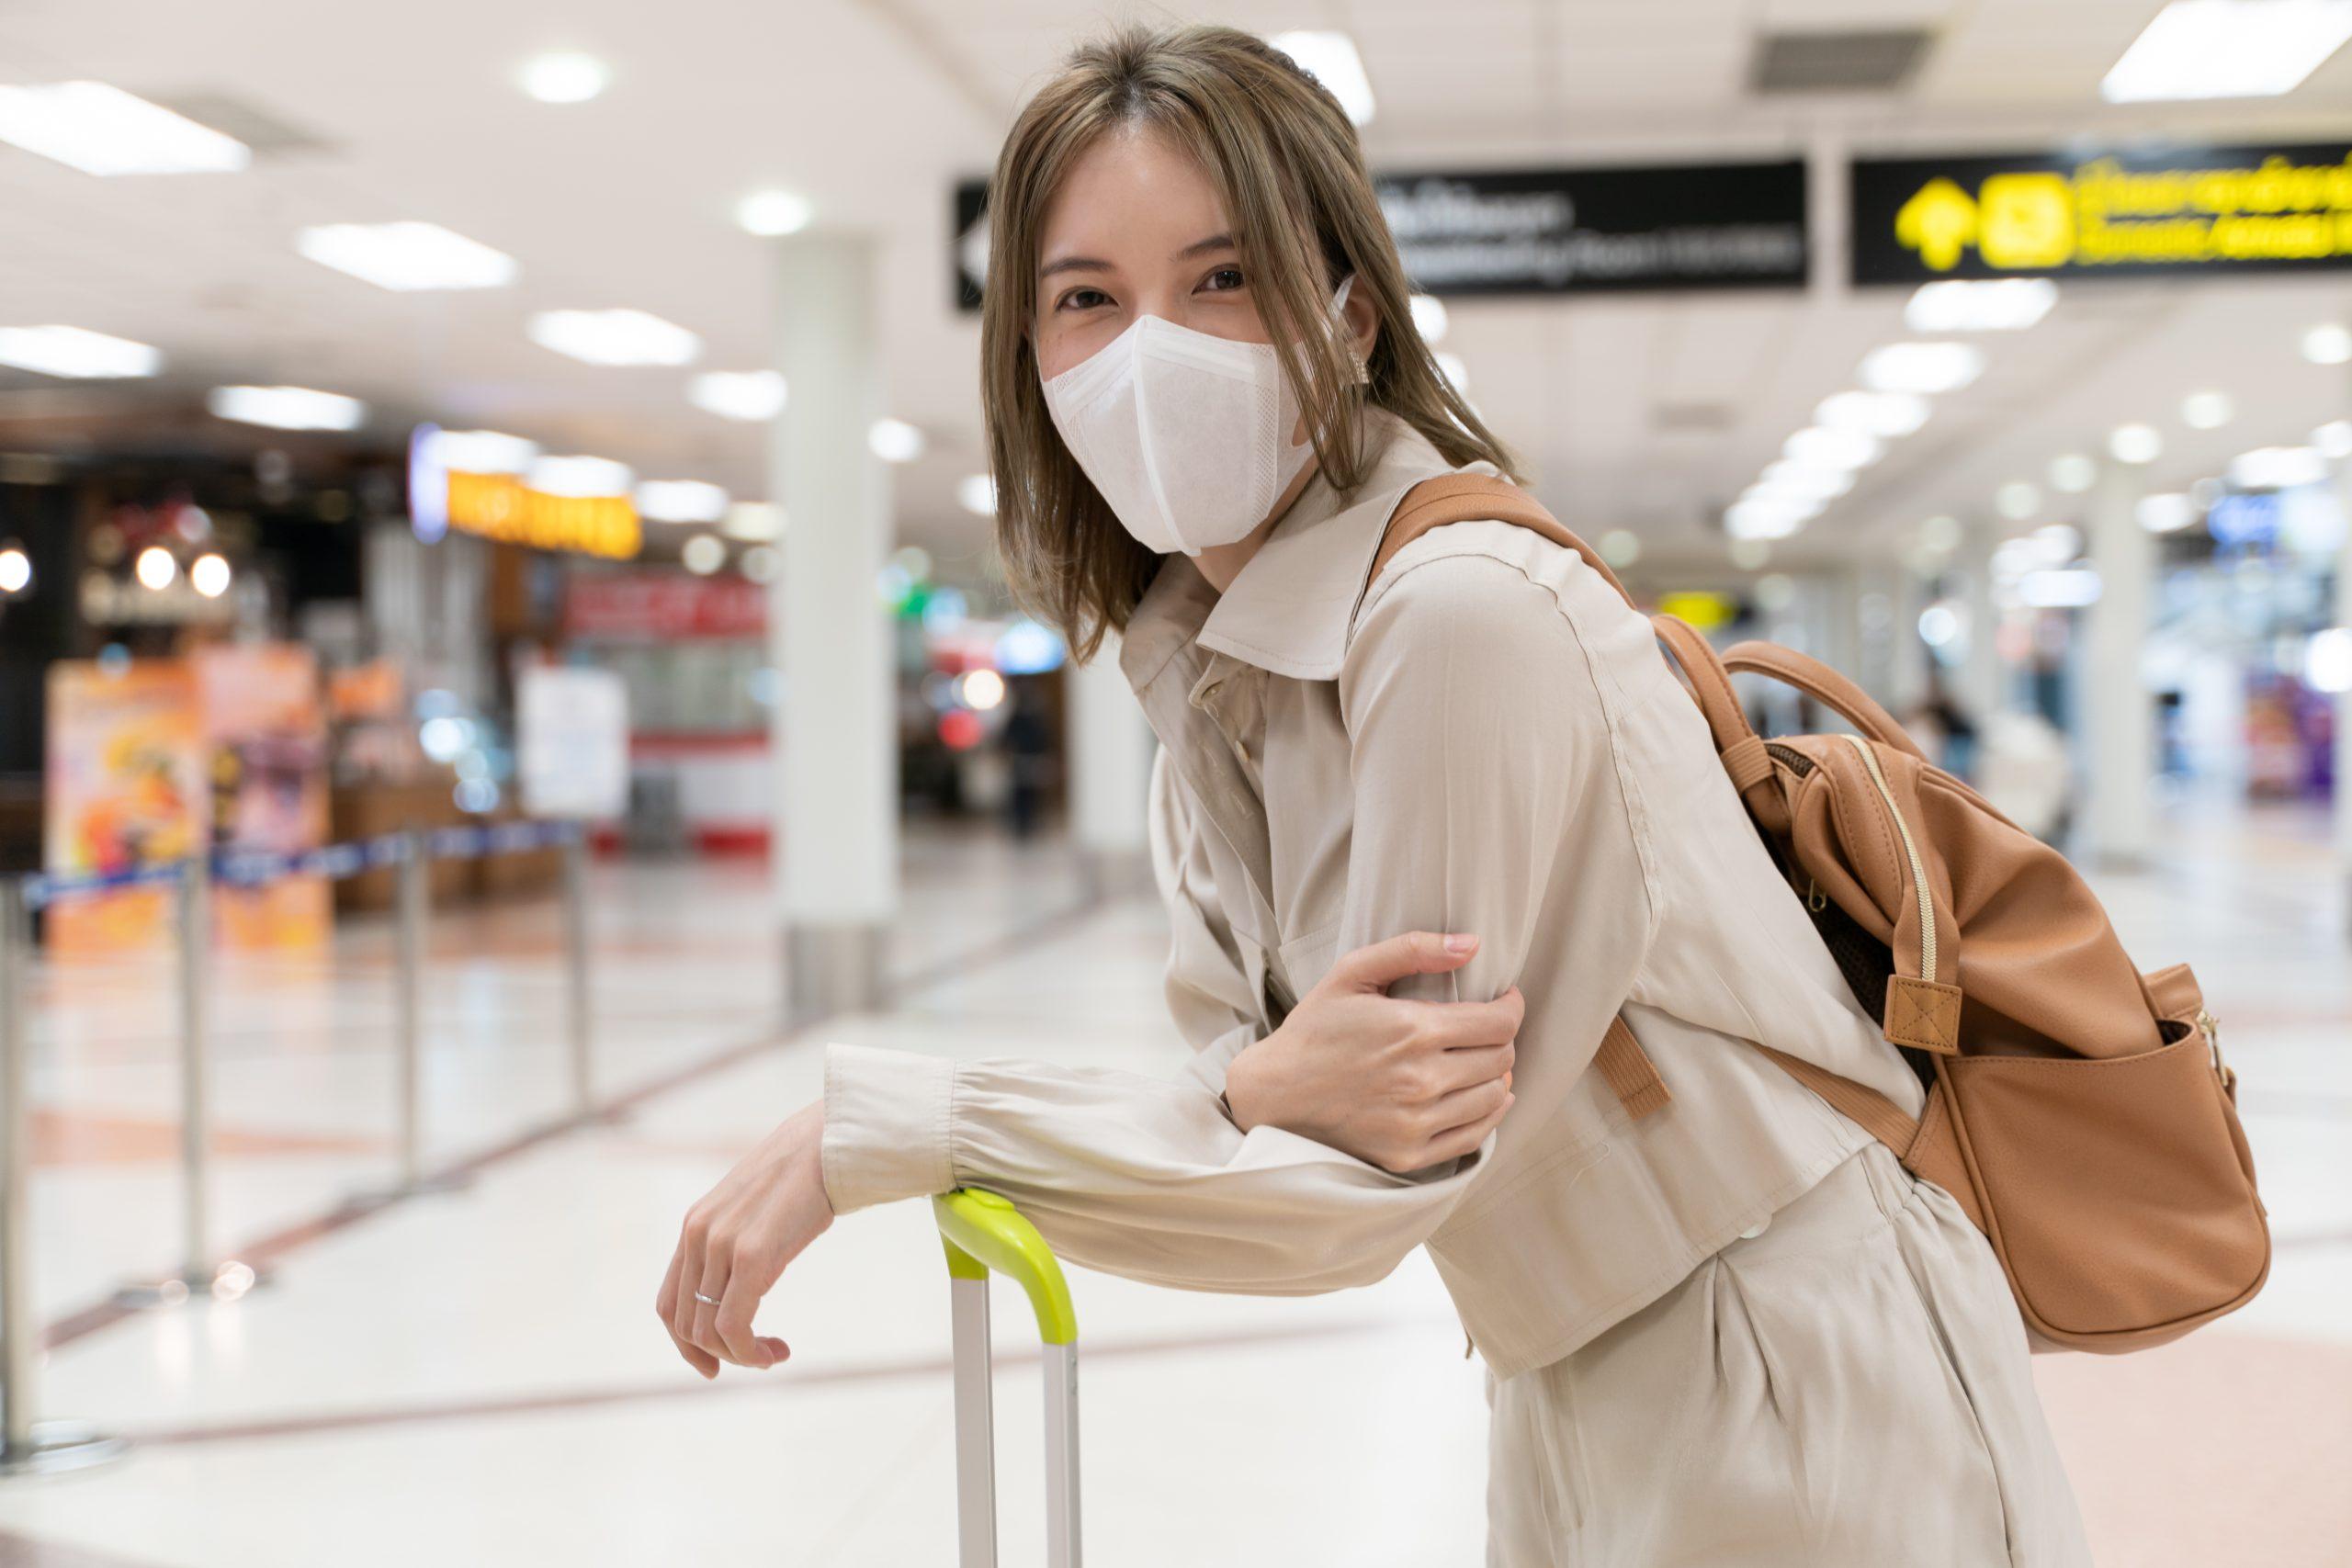 Liburan Aman: Bagaimana Bepergian Dengan Aman di Saat Pandemi